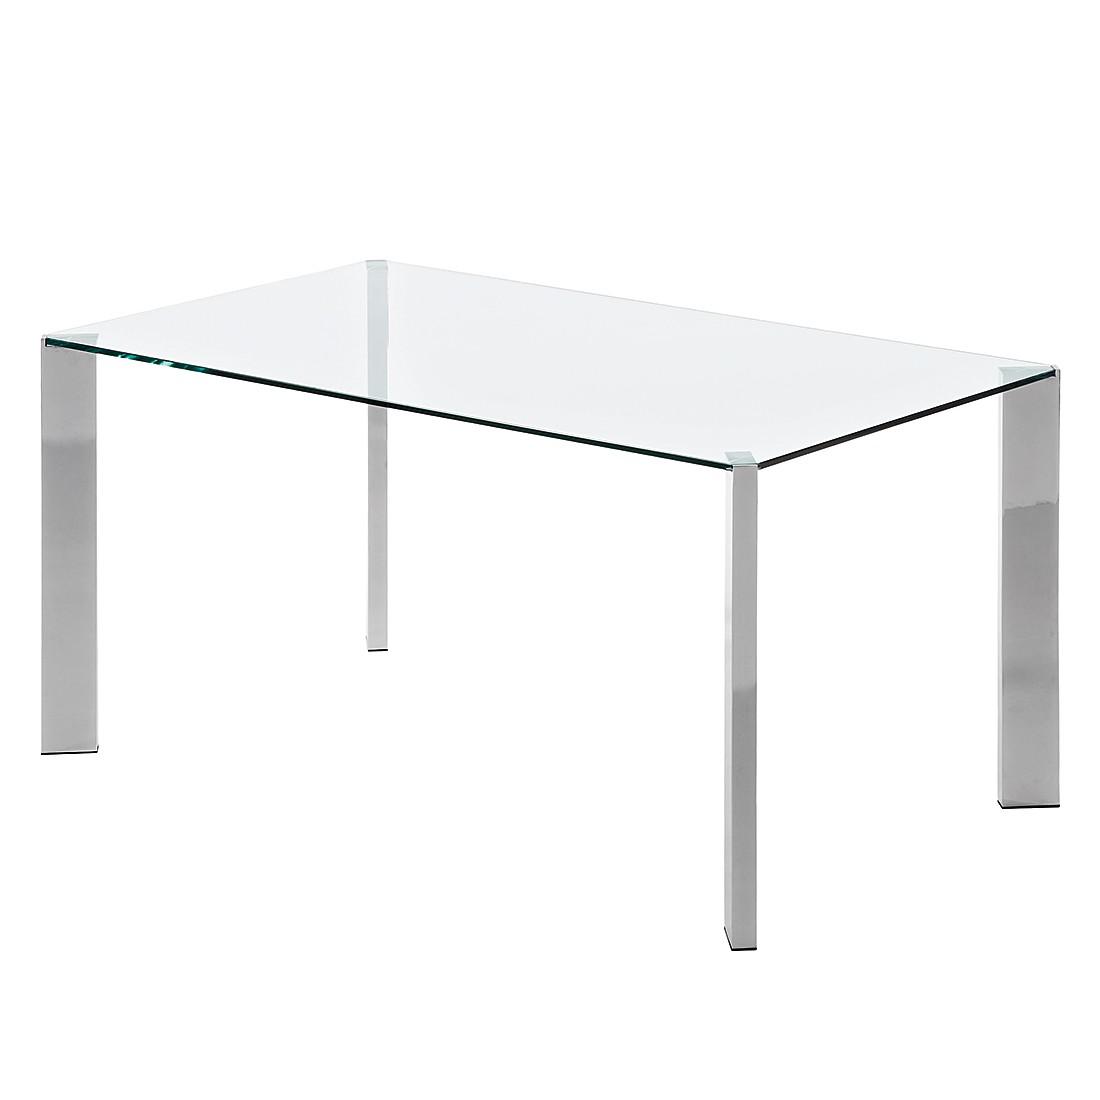 Table à manger Reuben - Verre / Acier inoxydable - Verre clair / Chrome - 160 x 90 cm, mooved